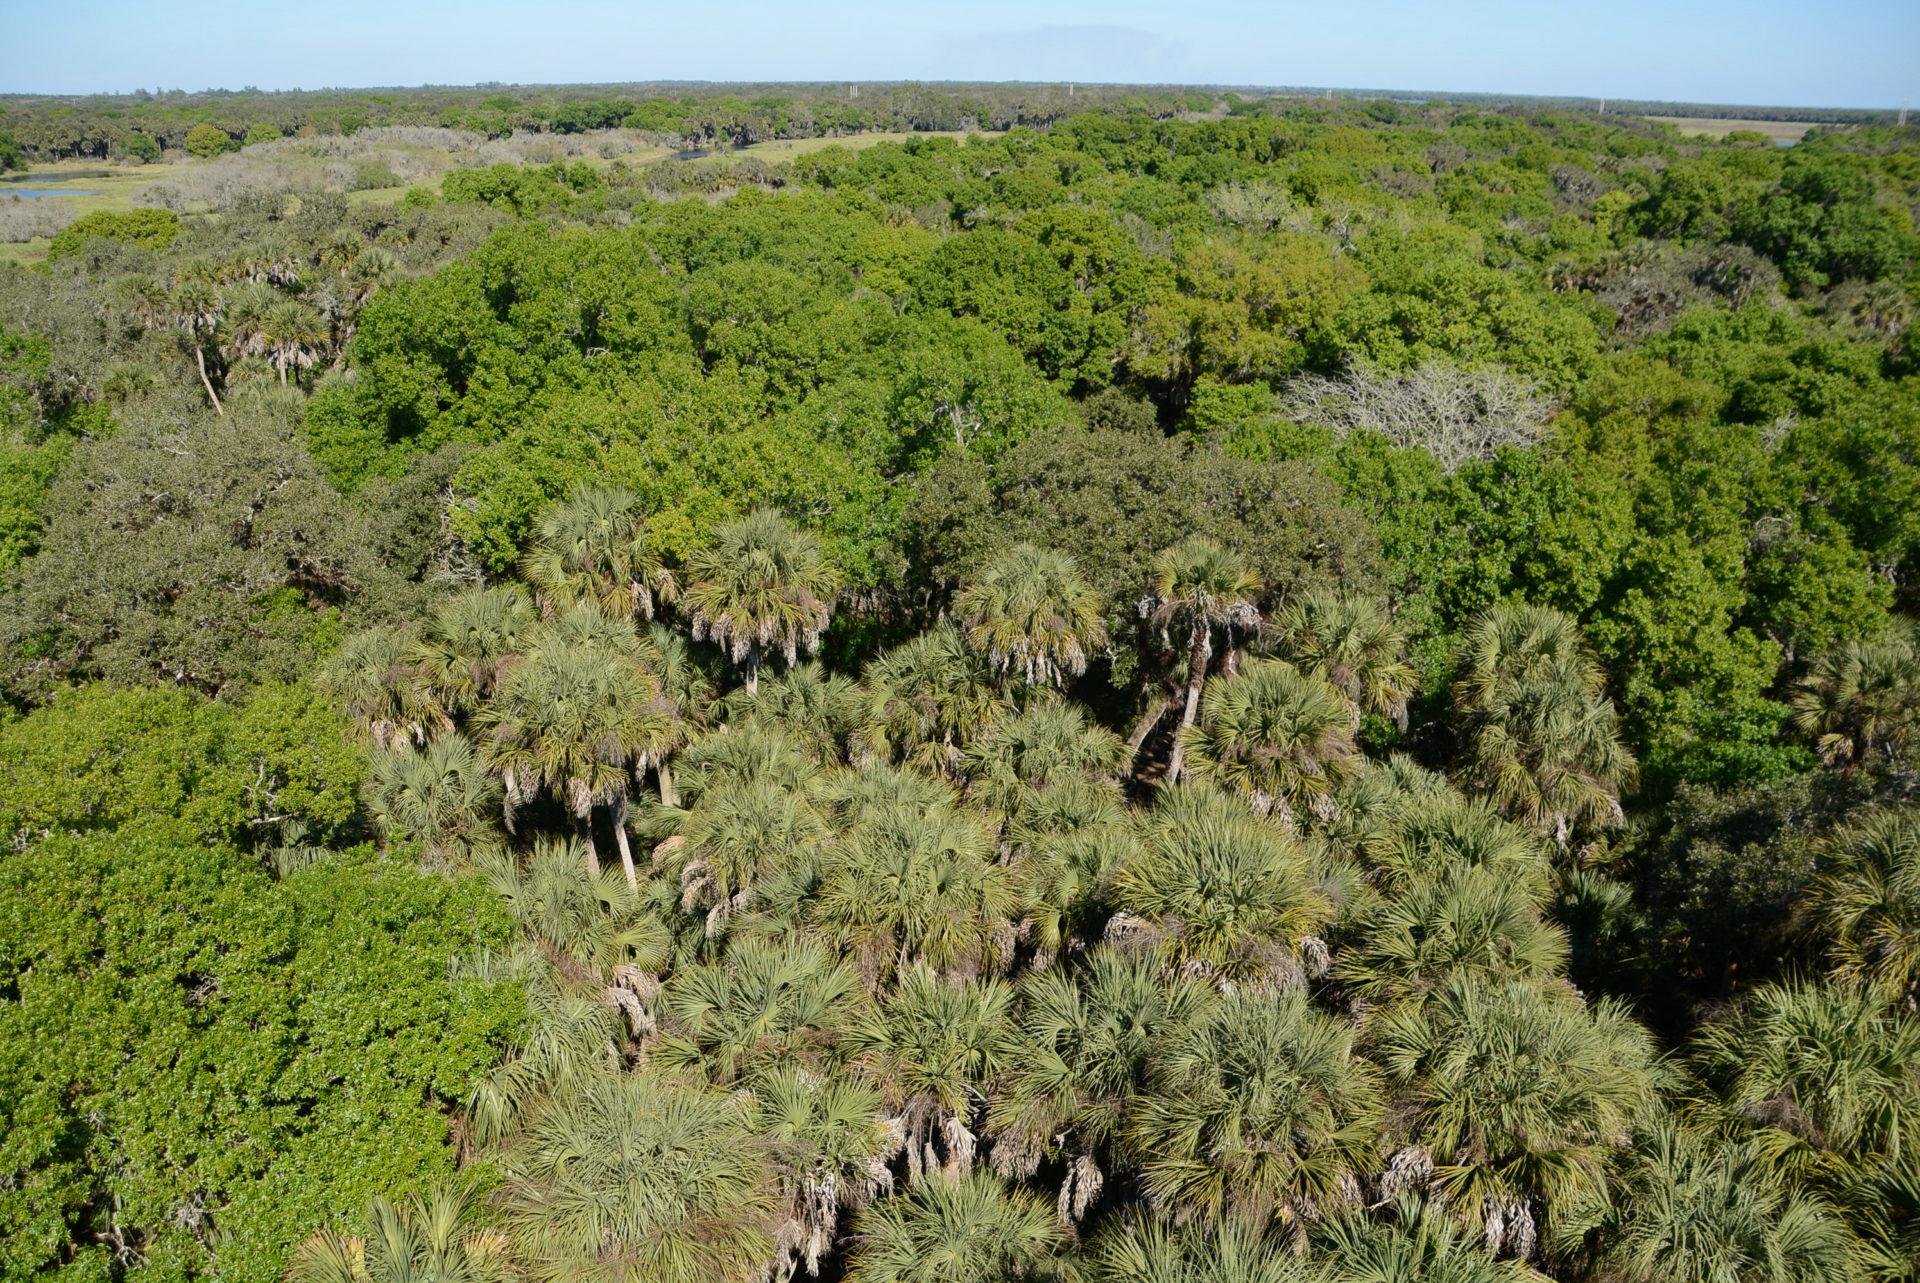 Dichte Wälder aus Königspalmen und Laubhölzern im Myakka River State Park